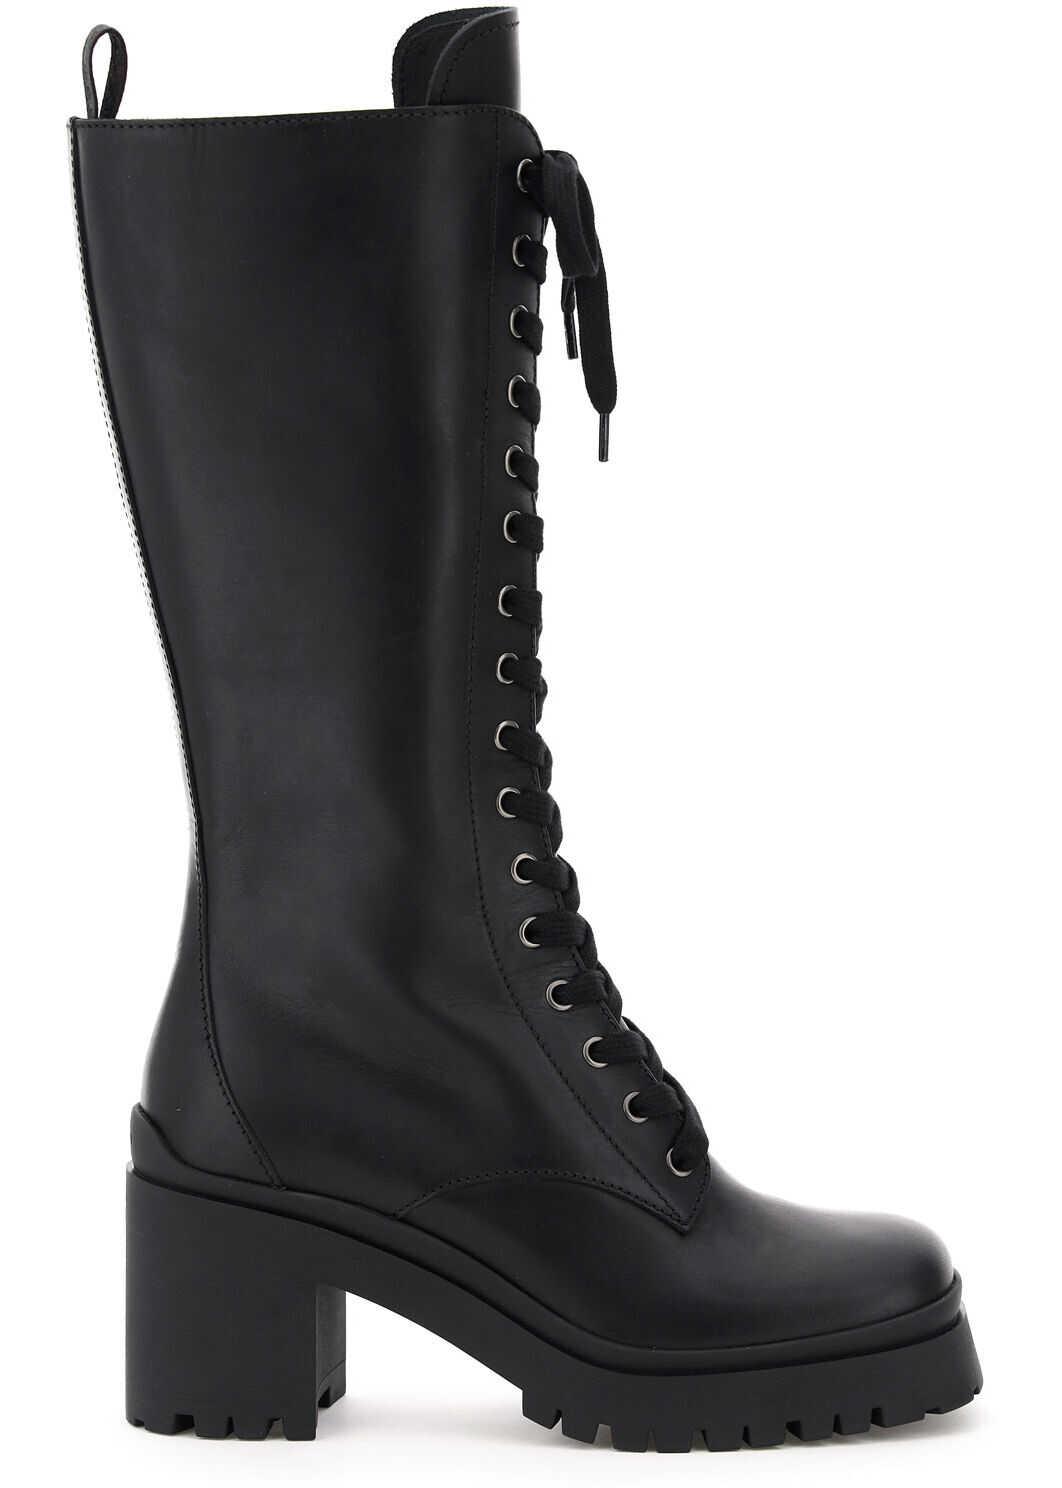 Miu Miu Leather Combat Boots 5W227D 3KL9 NERO imagine b-mall.ro